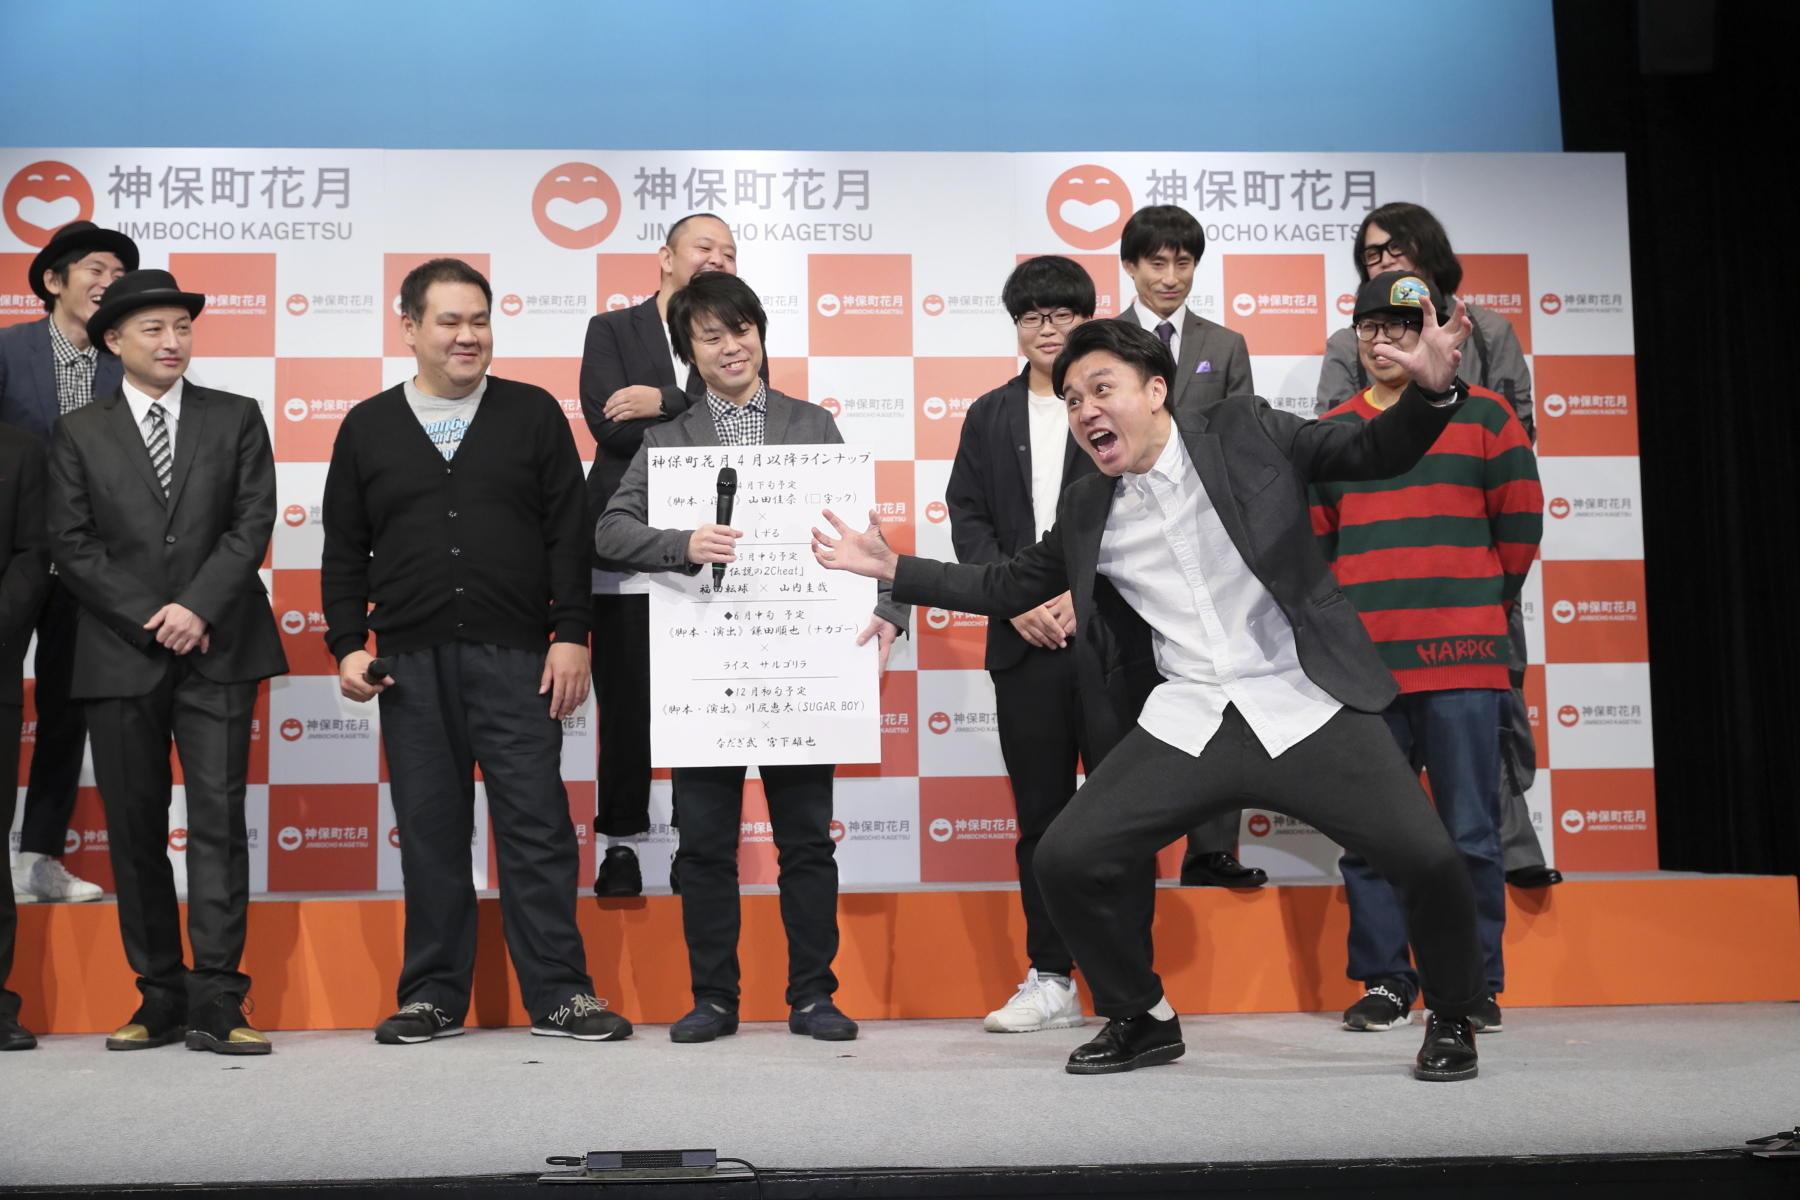 http://news.yoshimoto.co.jp/20181204214352-0df79079d1f1beb3edbc307367b4d606fd597a8f.jpg